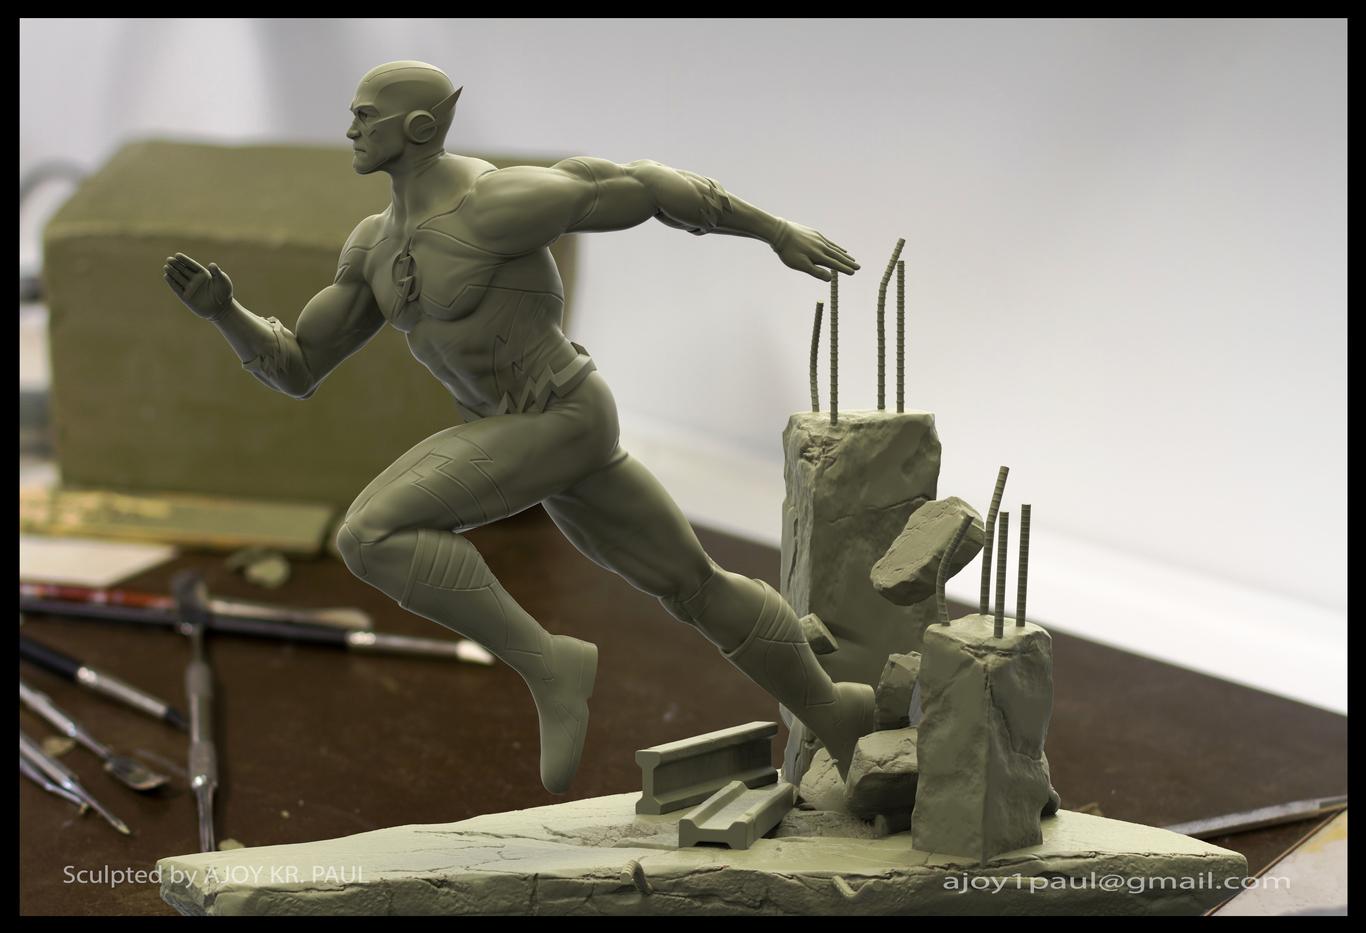 Ajoykrpaul flash statue sculpt 1 935e9028 1wv1